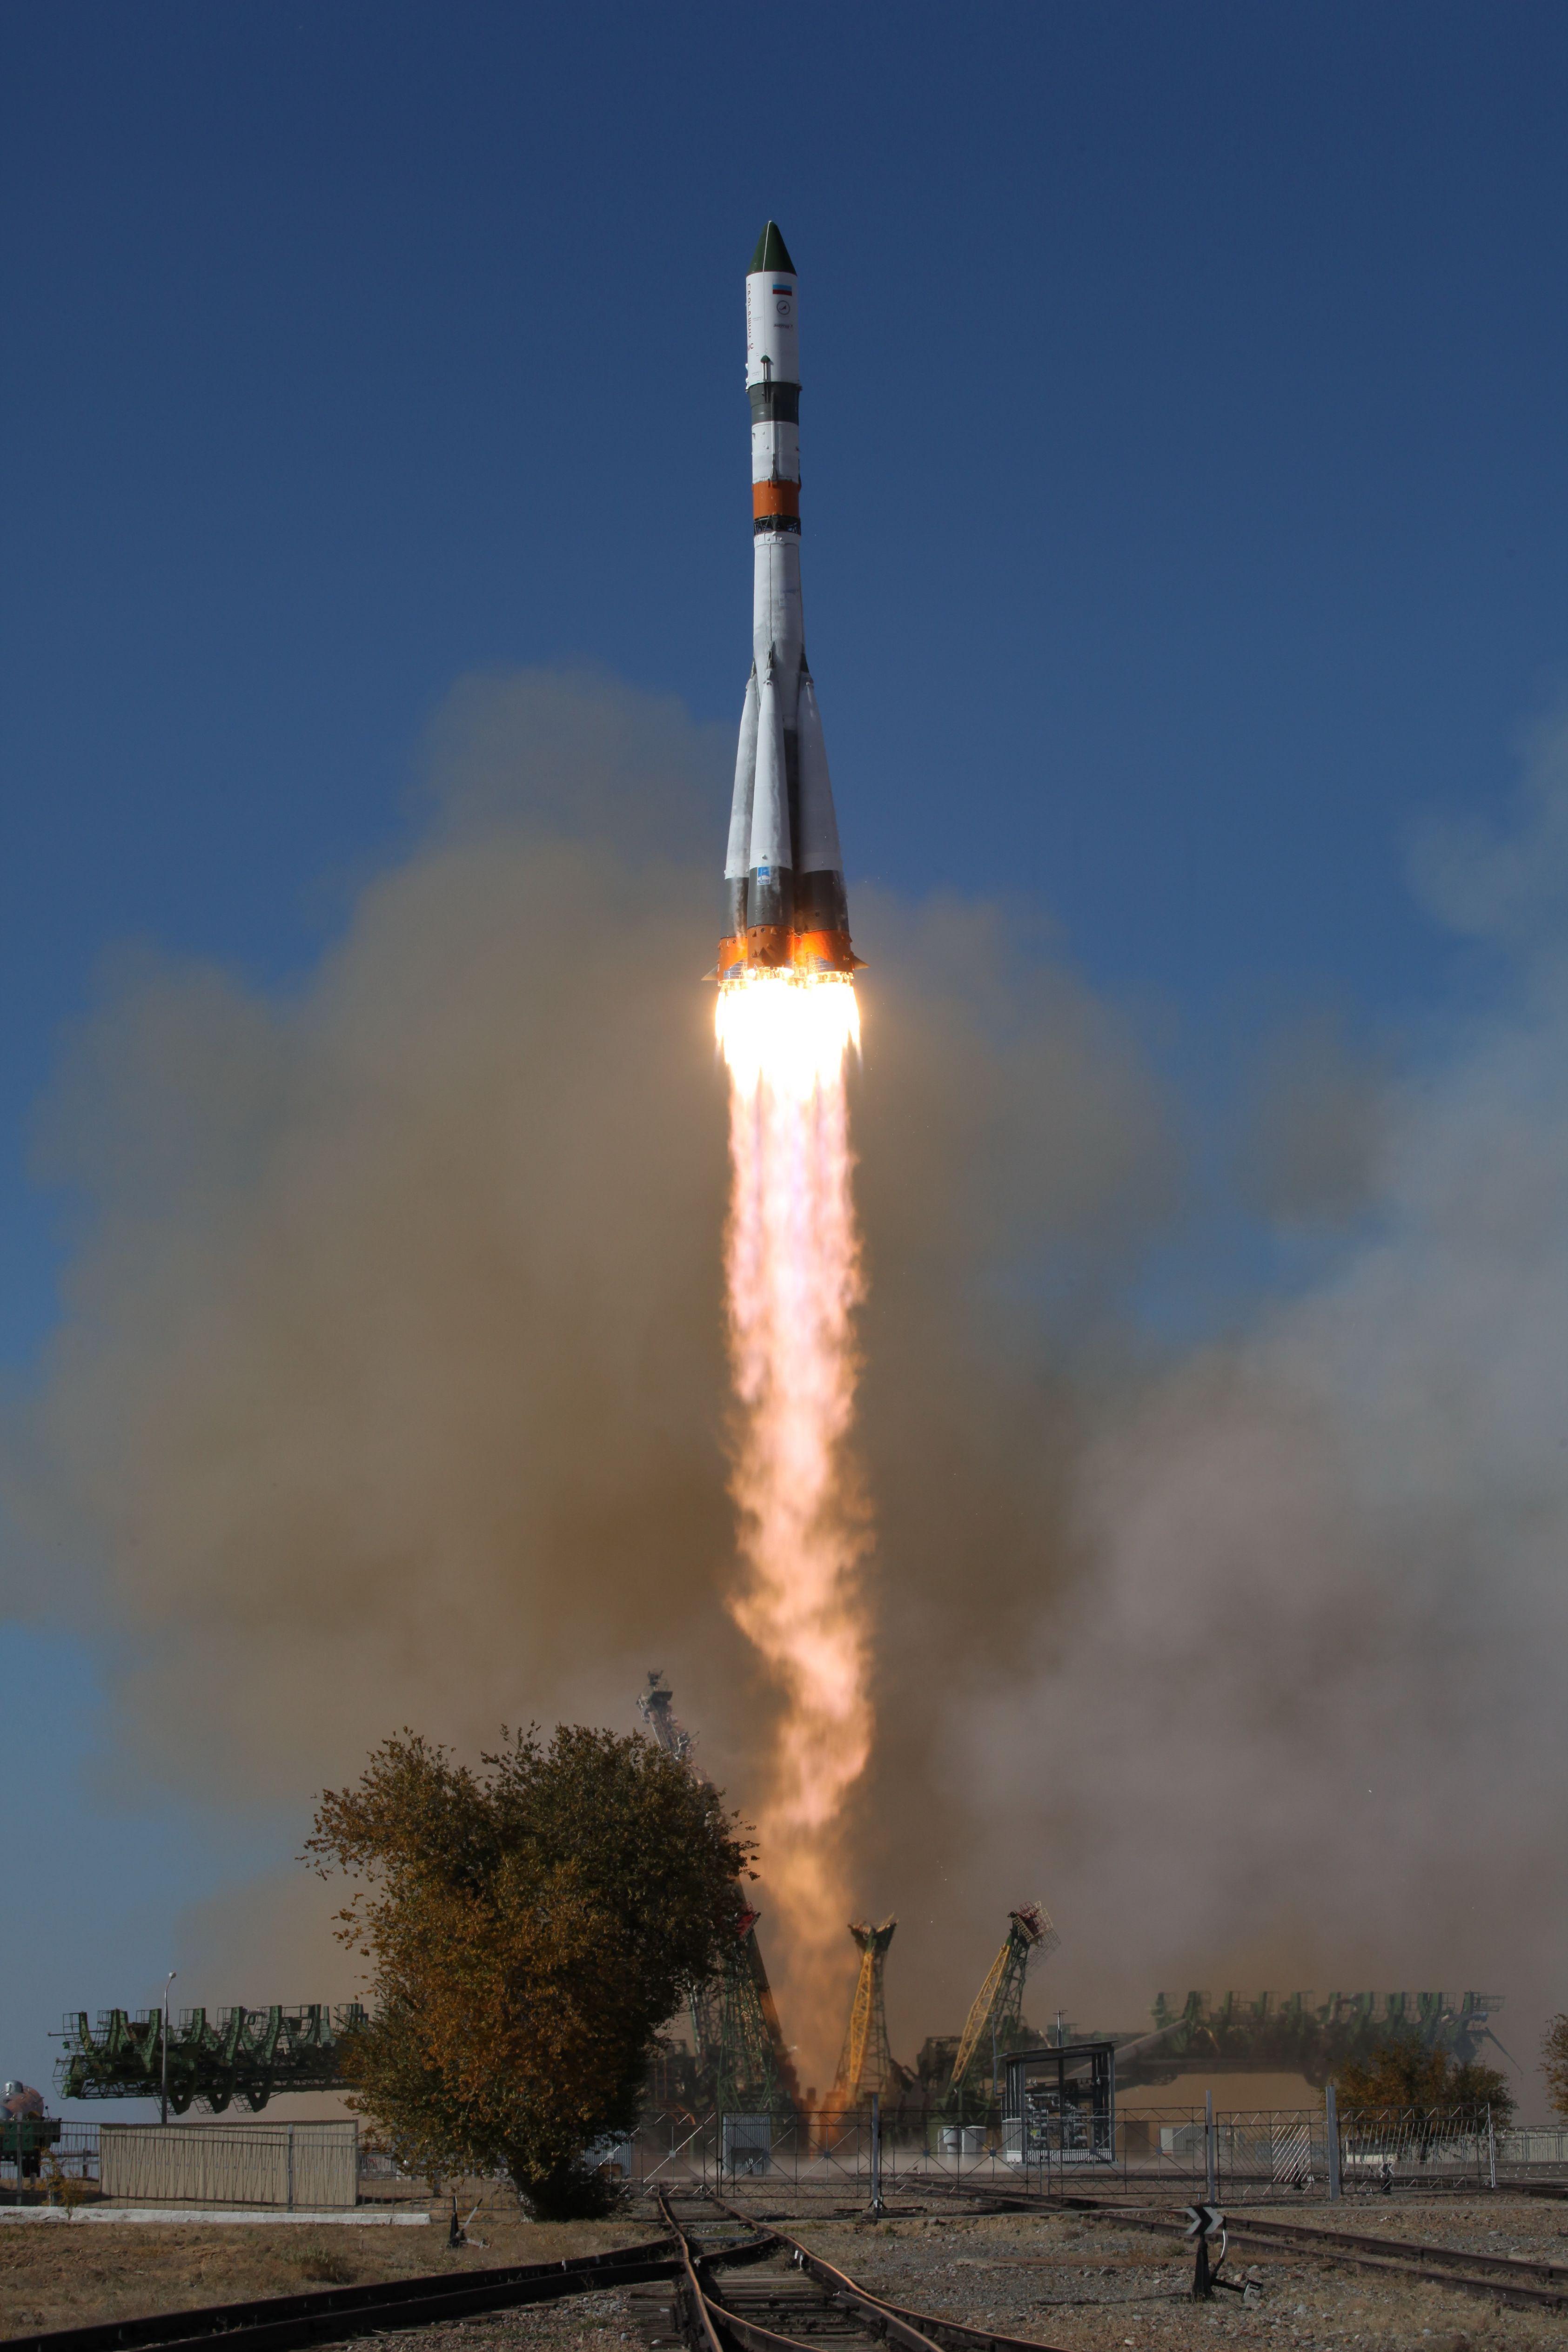 photos  soyuz rocket blazes into clear skies to dispatch